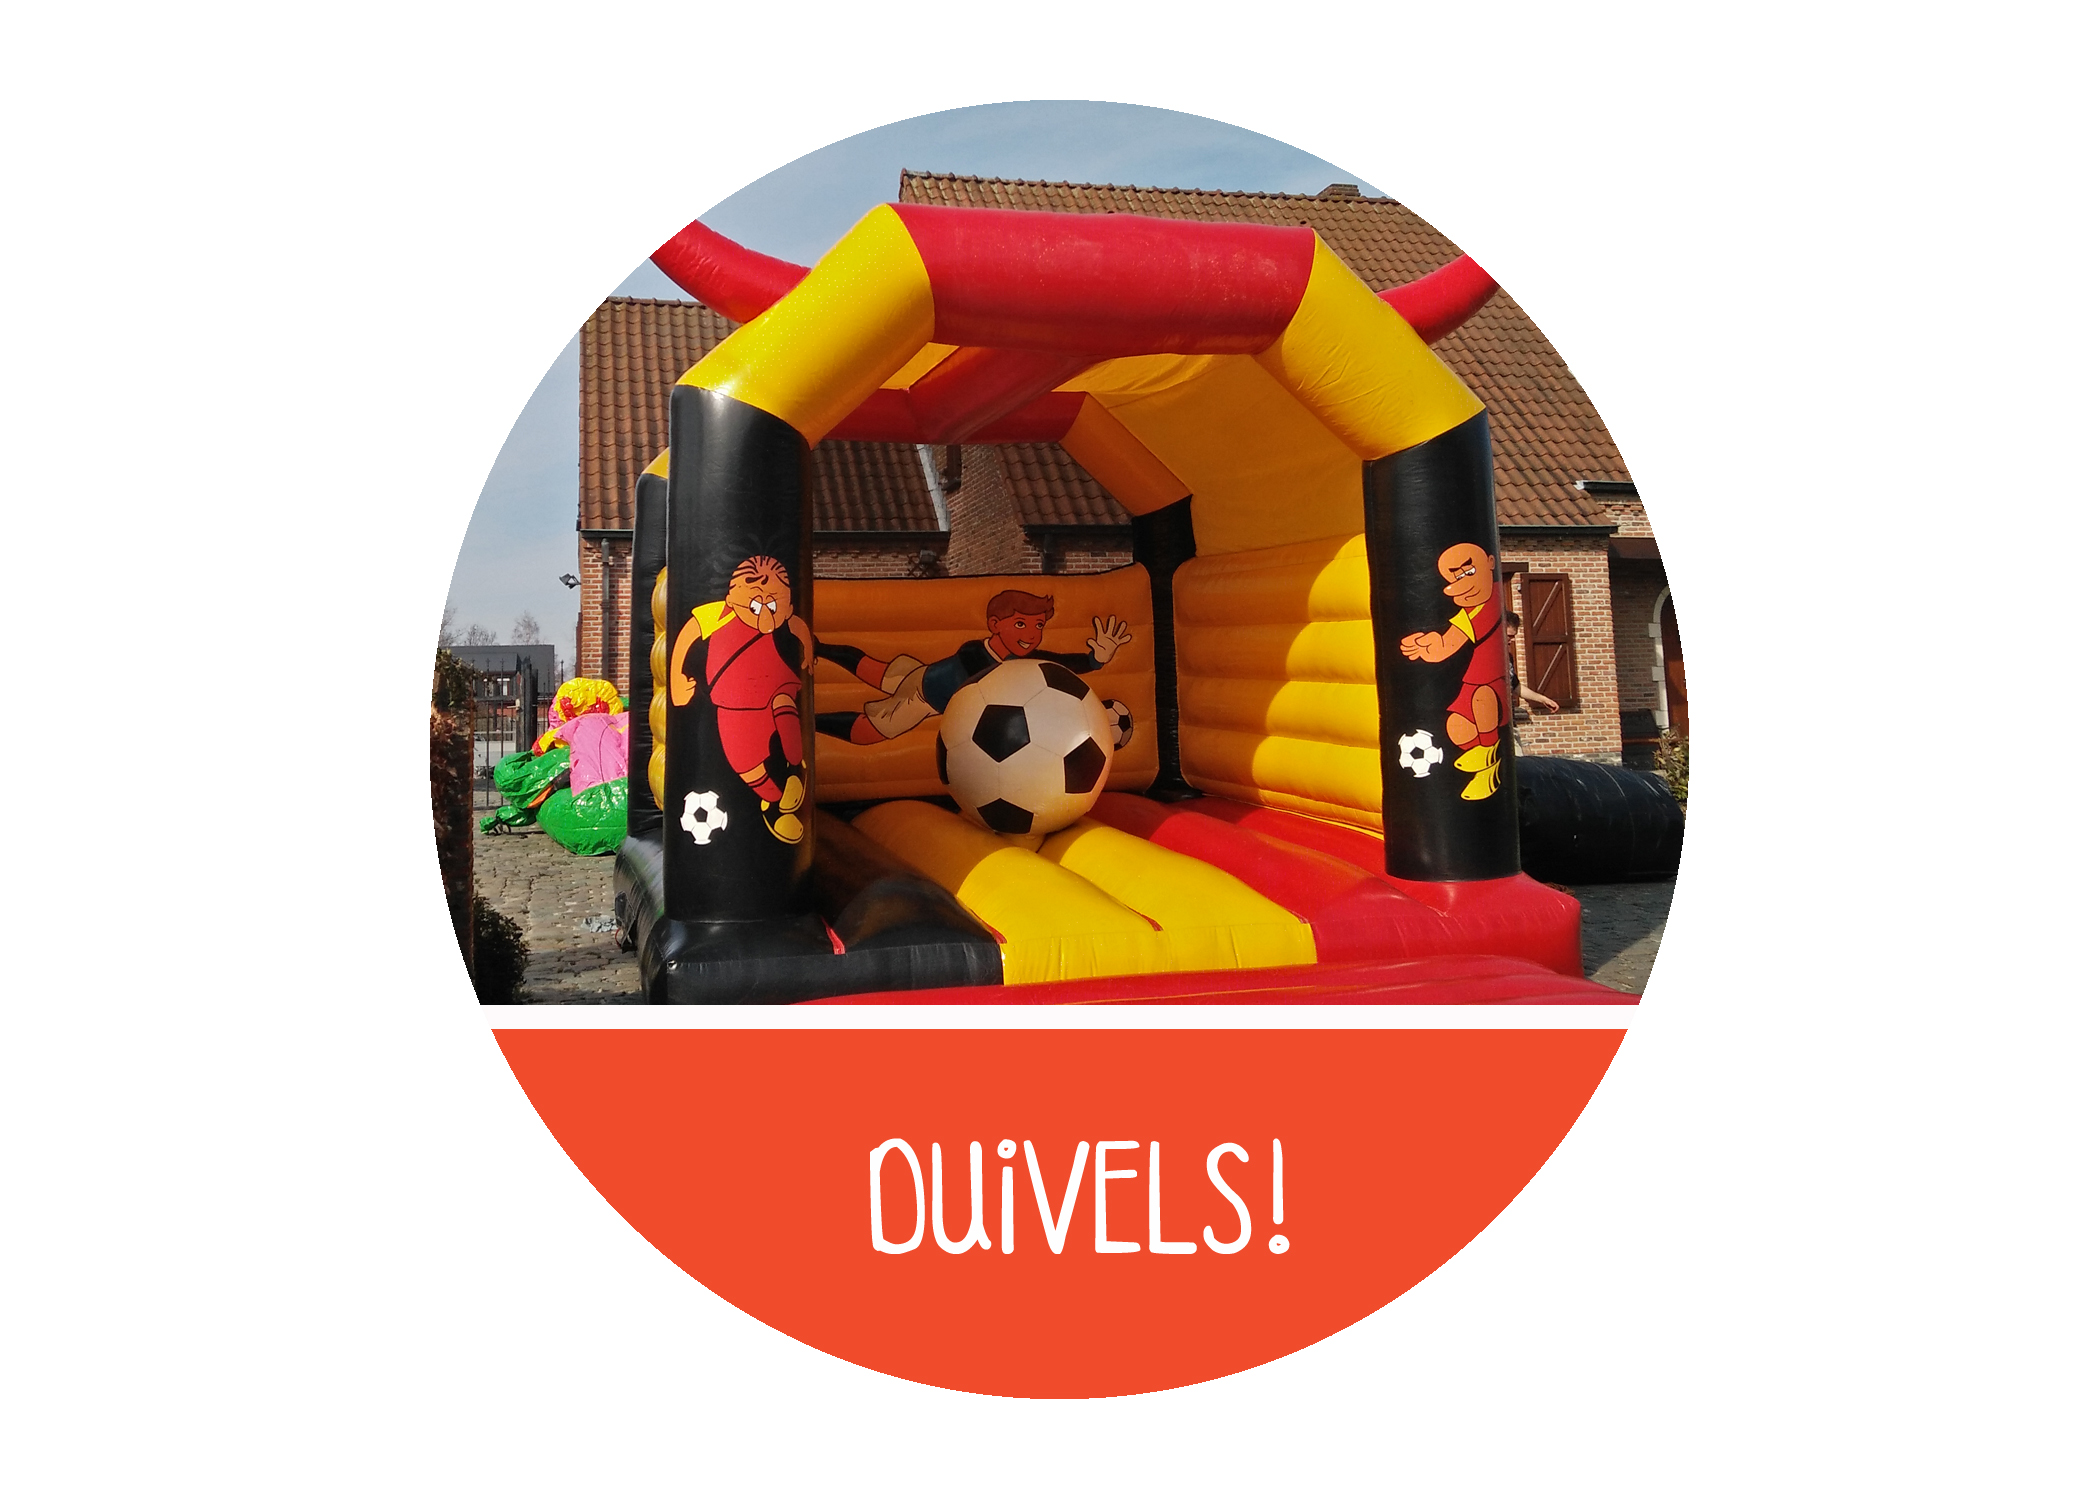 Huur nu uw springkasteel bij Eventa Rent aan topprijs! Persoonlijke service en grtais levering inbegrepen te Zwijndrecht, Antwerpen, Brasschaat, Kapellen, Hoboken, Mortsel en Aartselaar